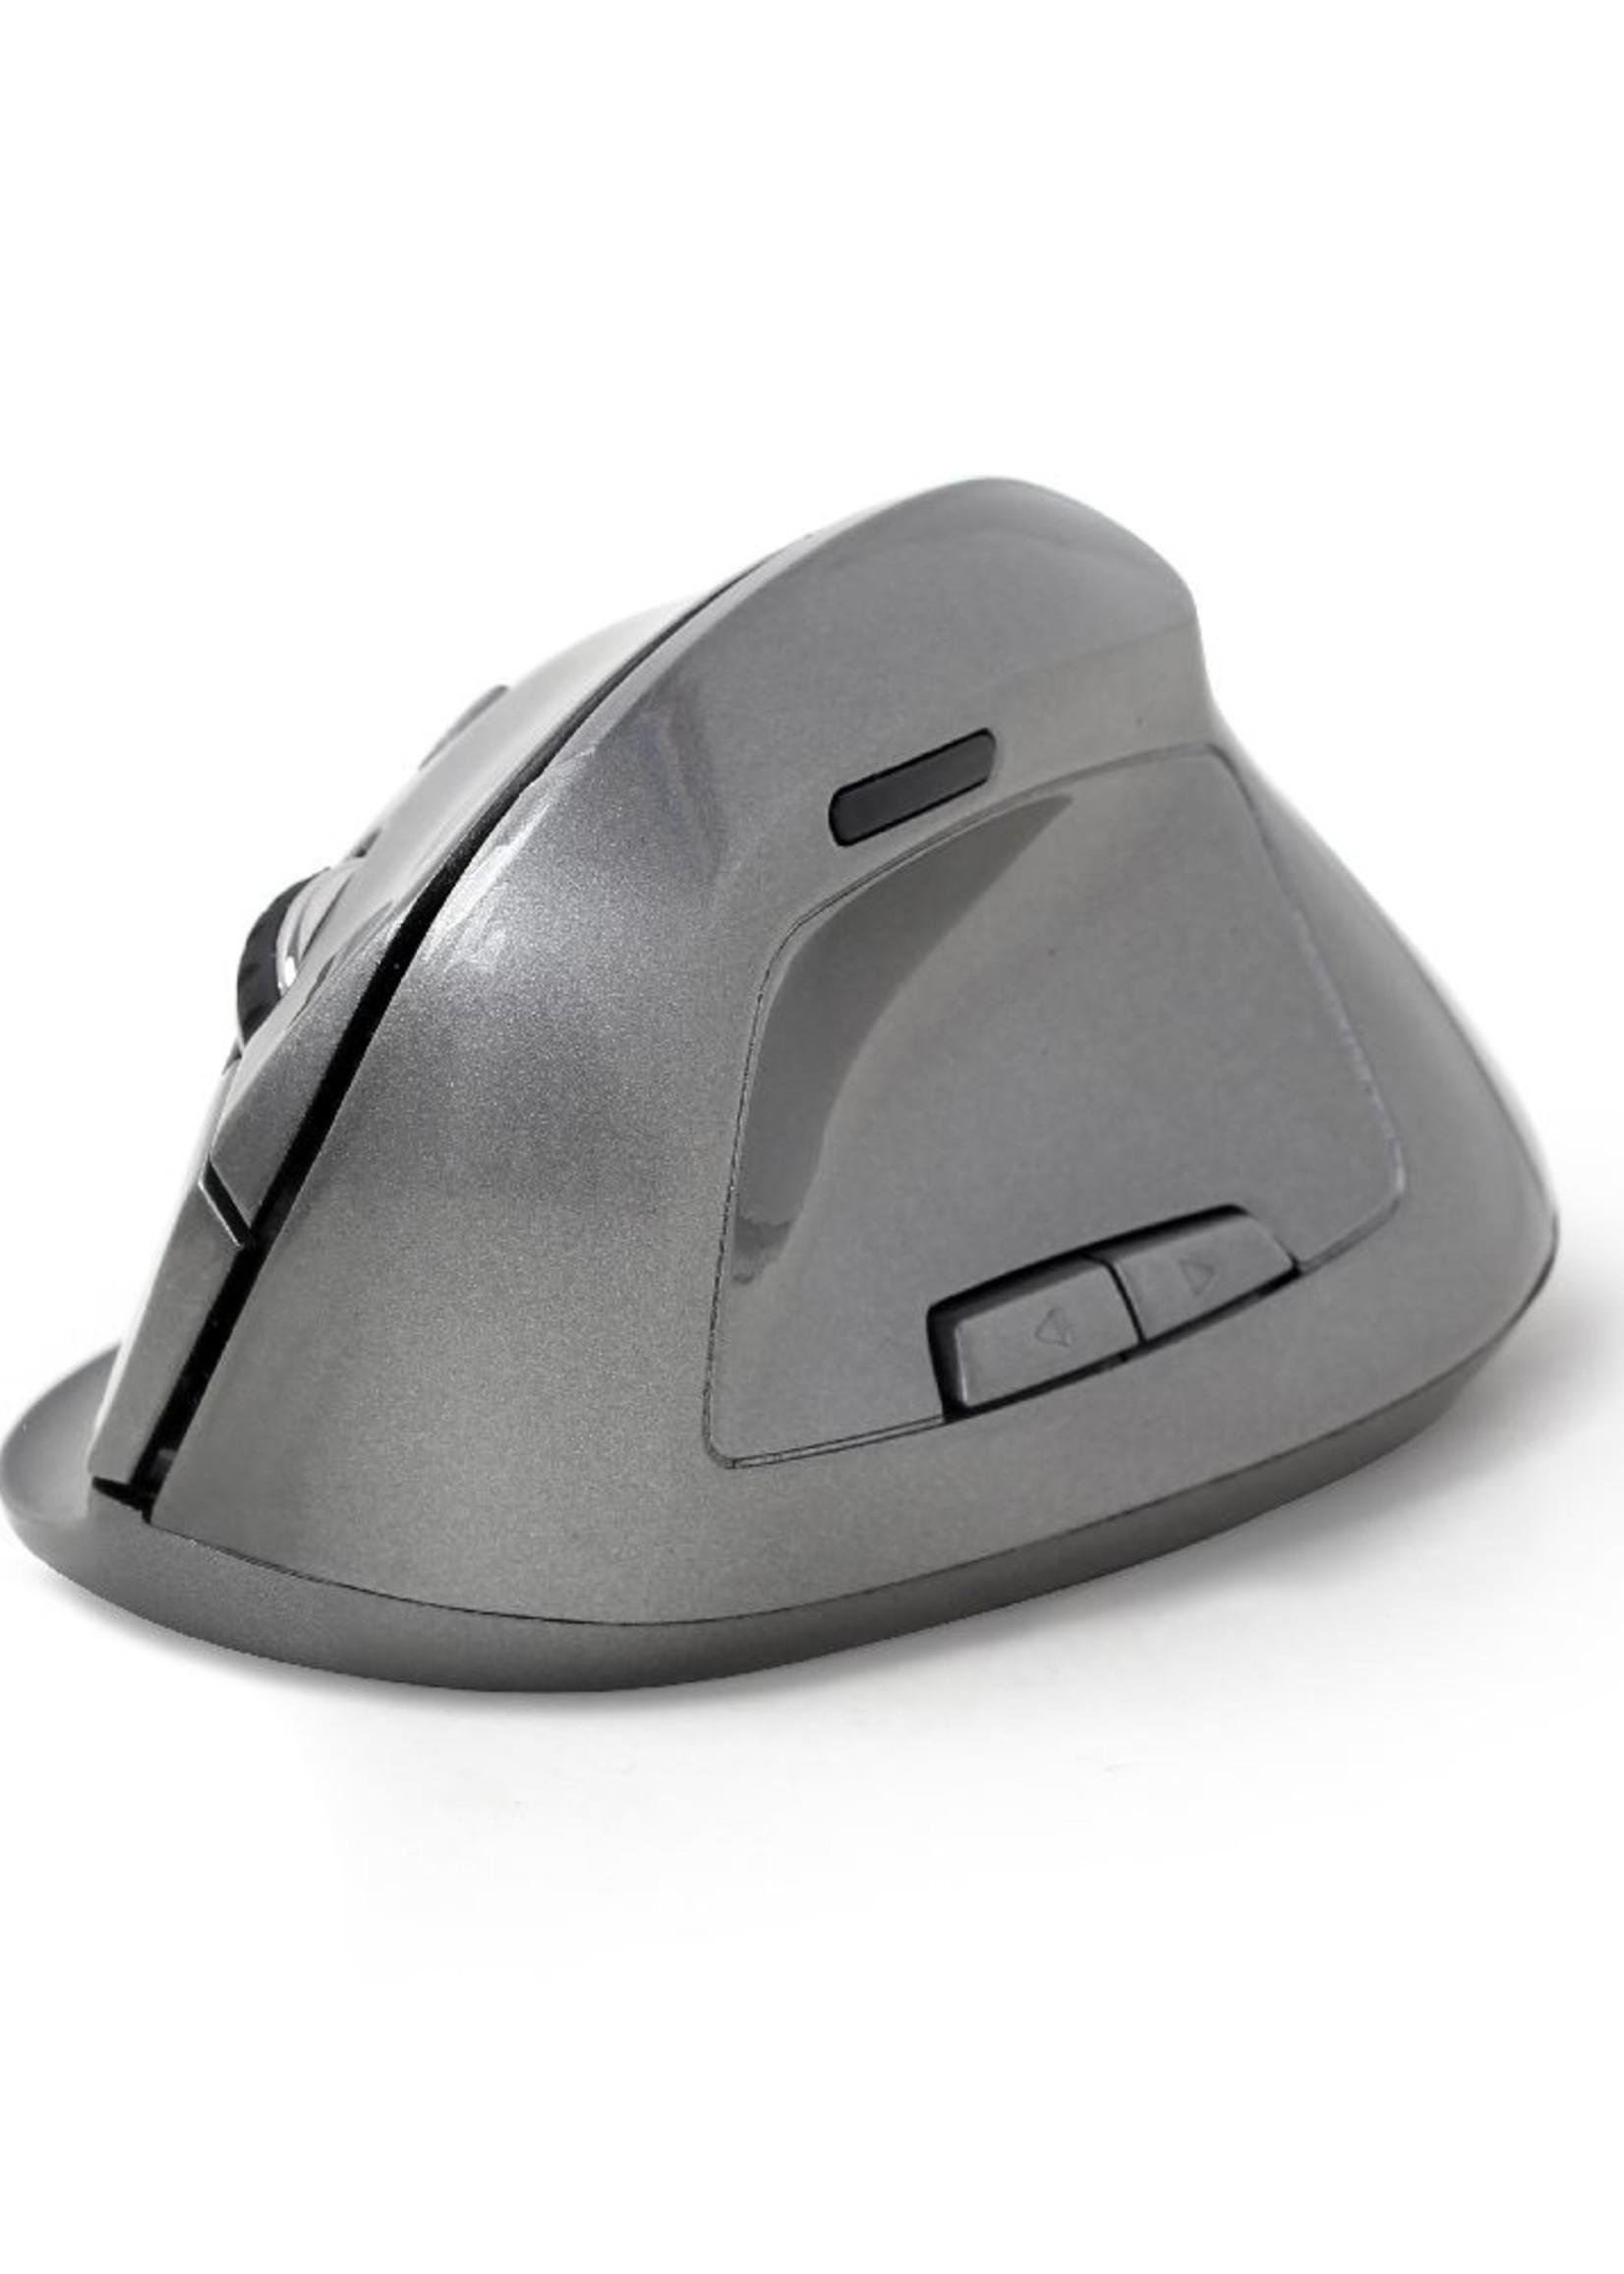 Gembird Draadloze Ergonomische muis Space Grey